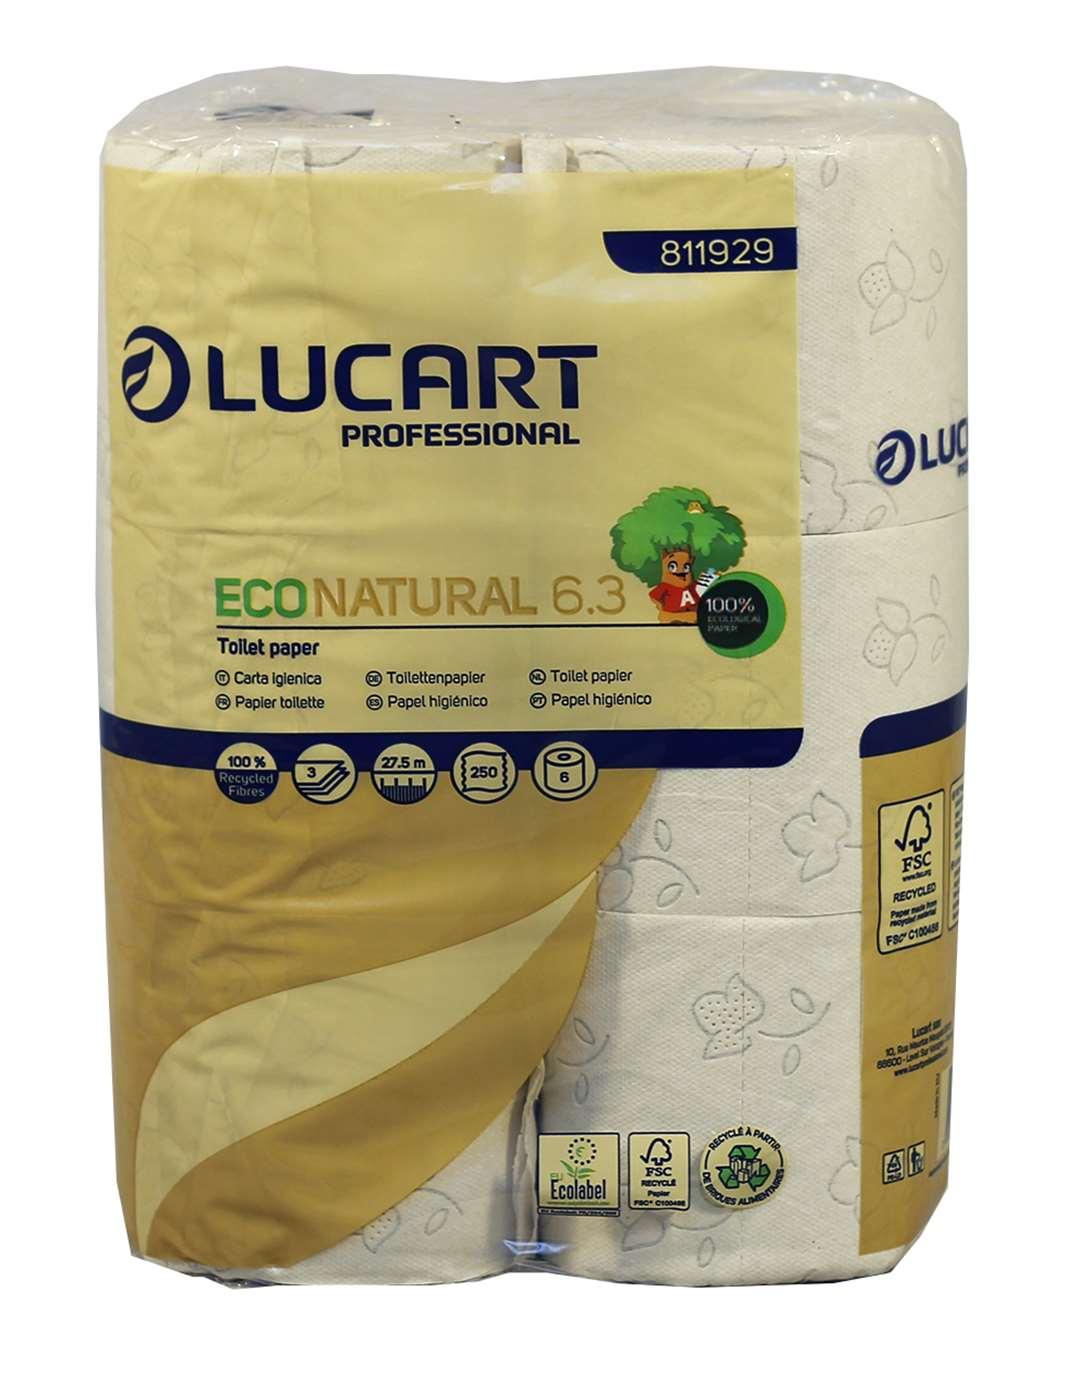 Lucart EcoNatural 250 Sheet 3 Ply Toilet Rolls